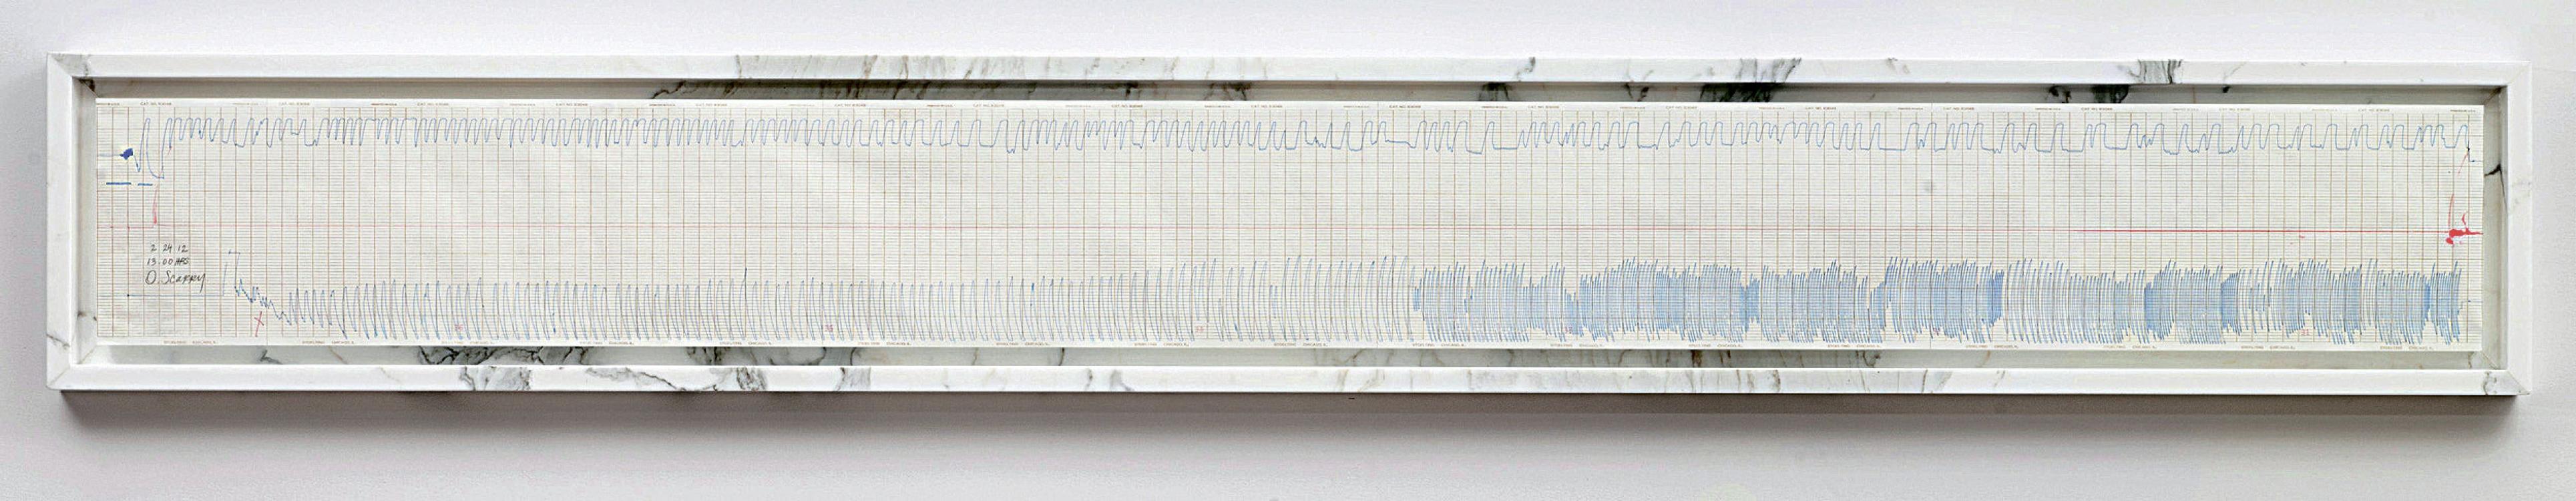 Self Graph, 2 м x 27 см x 6 см x 4 см, чернило на полиграфической бумаге, мраморная рамка, 2010